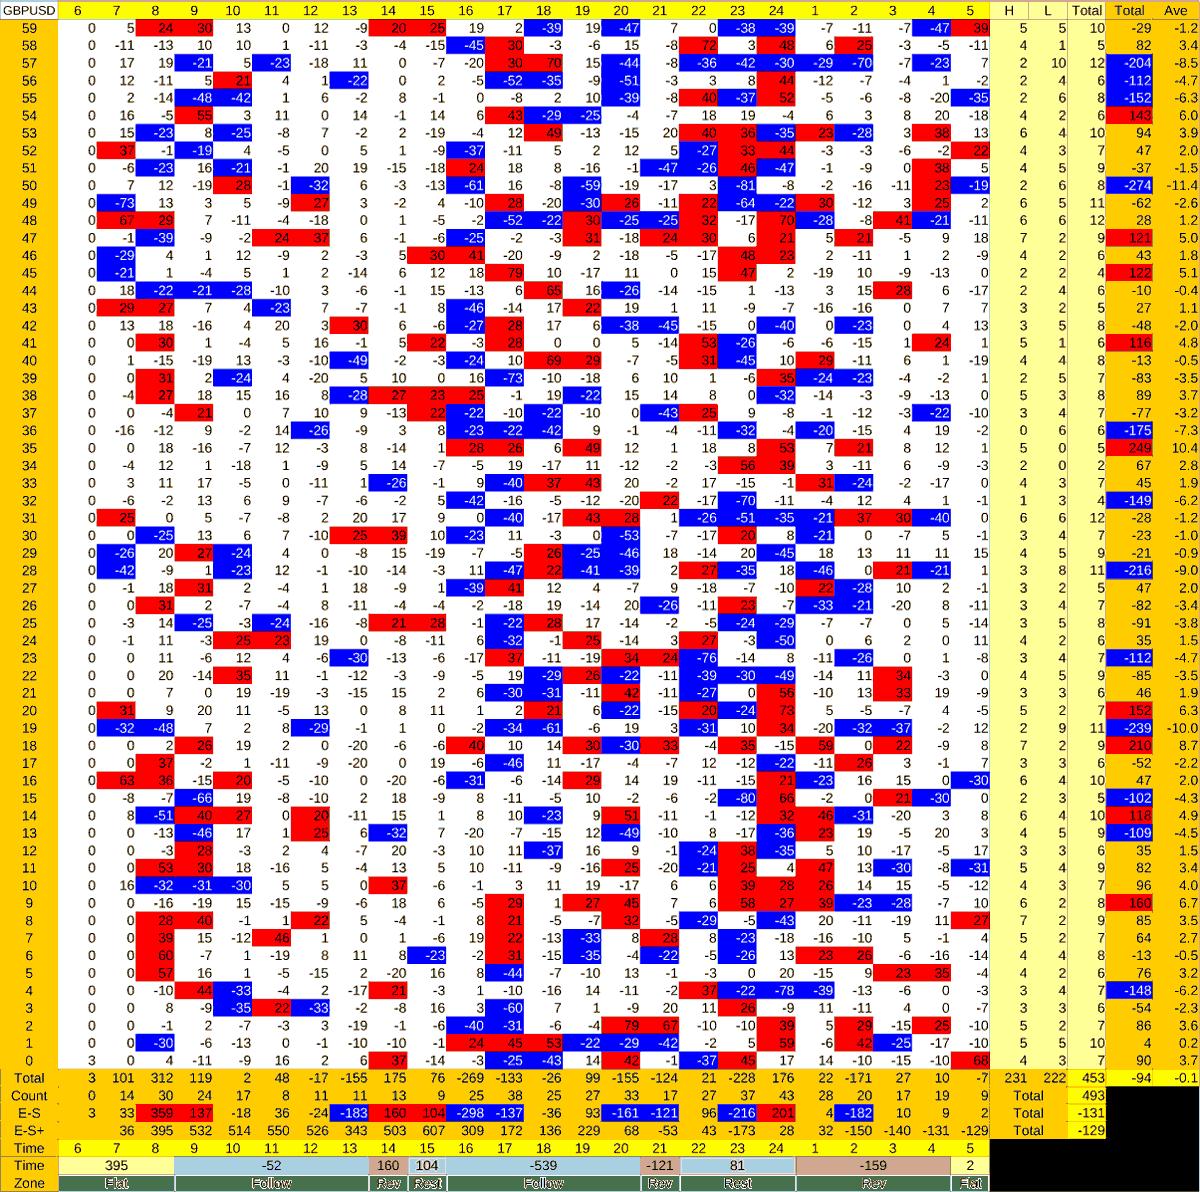 20210301_HS(2)GBPUSD